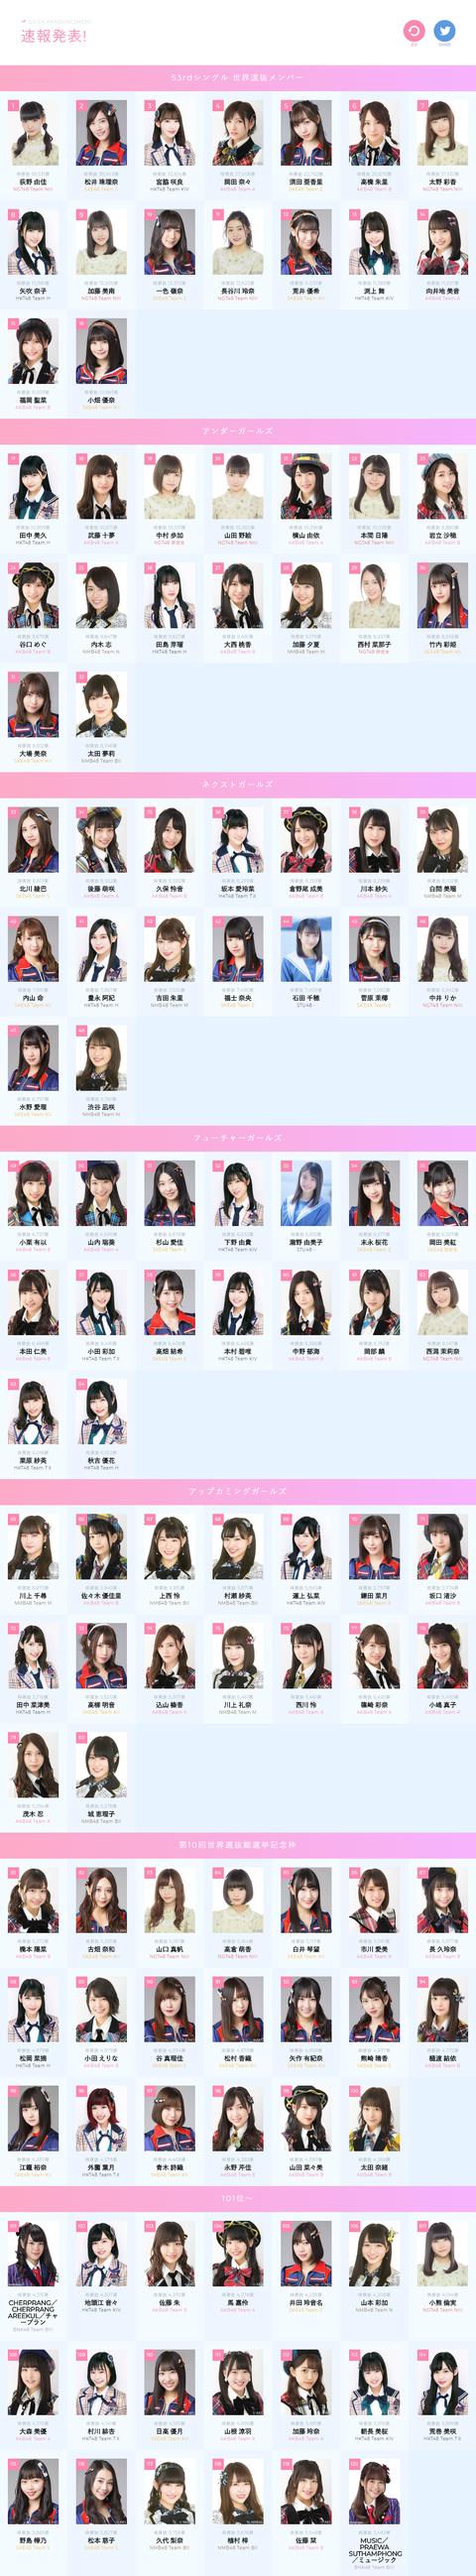 【AKB48】53rdシングル世界選抜総選挙、速報順位発表!!!